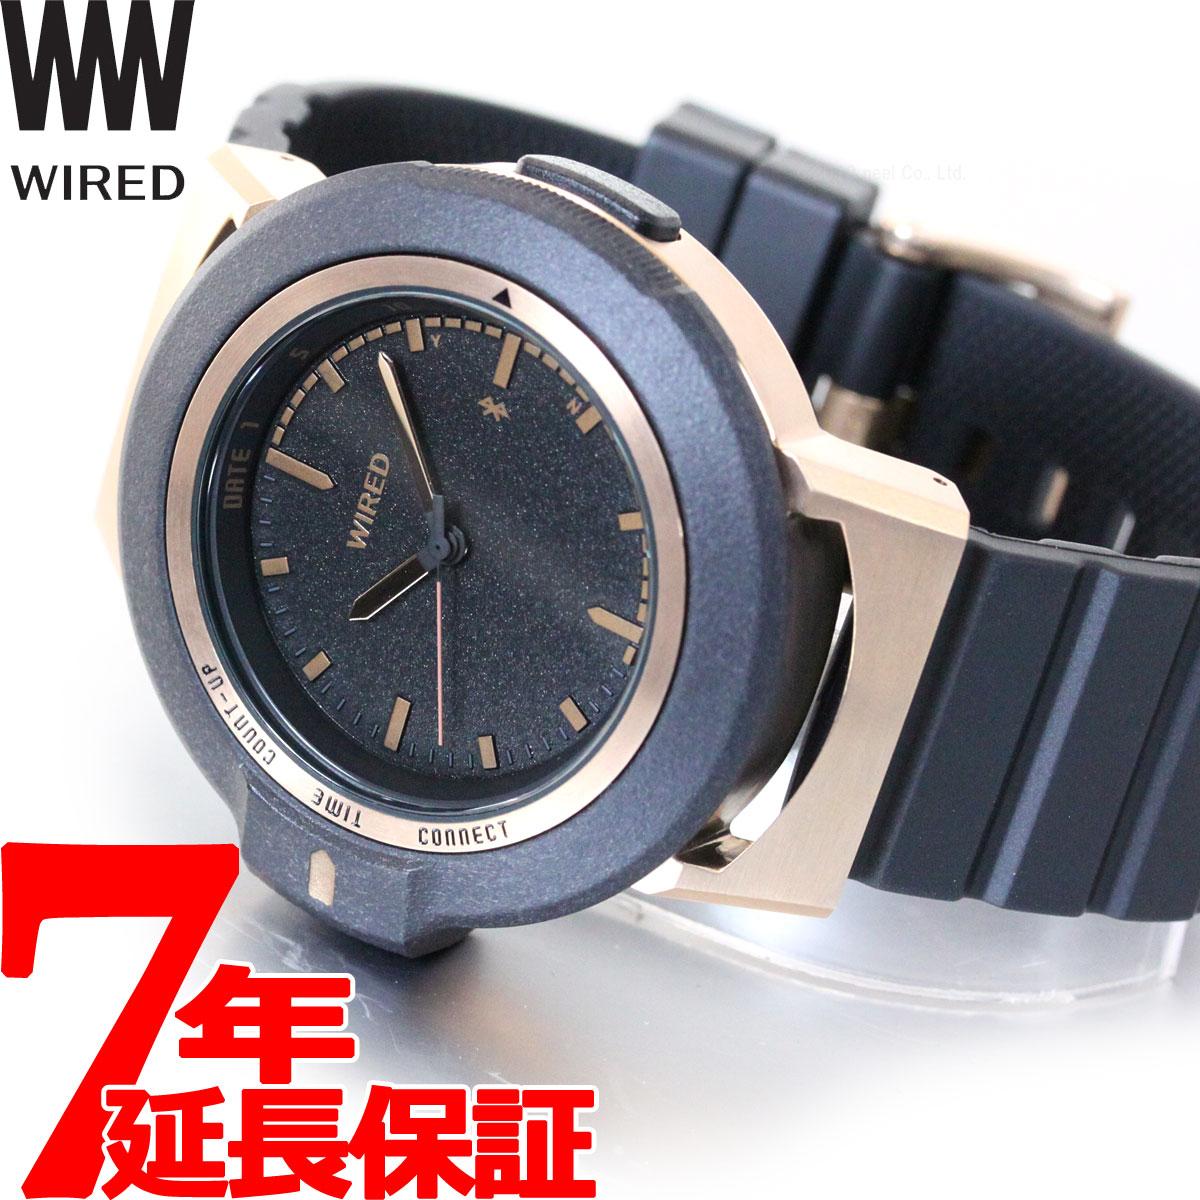 【5日0時~♪2000円OFFクーポン&店内ポイント最大51倍!5日23時59分まで】セイコー ワイアード ツーダブ SEIKO WIRED WW スマートウォッチ Bluetooth 腕時計 メンズ レディース TYPE01 AGAB403